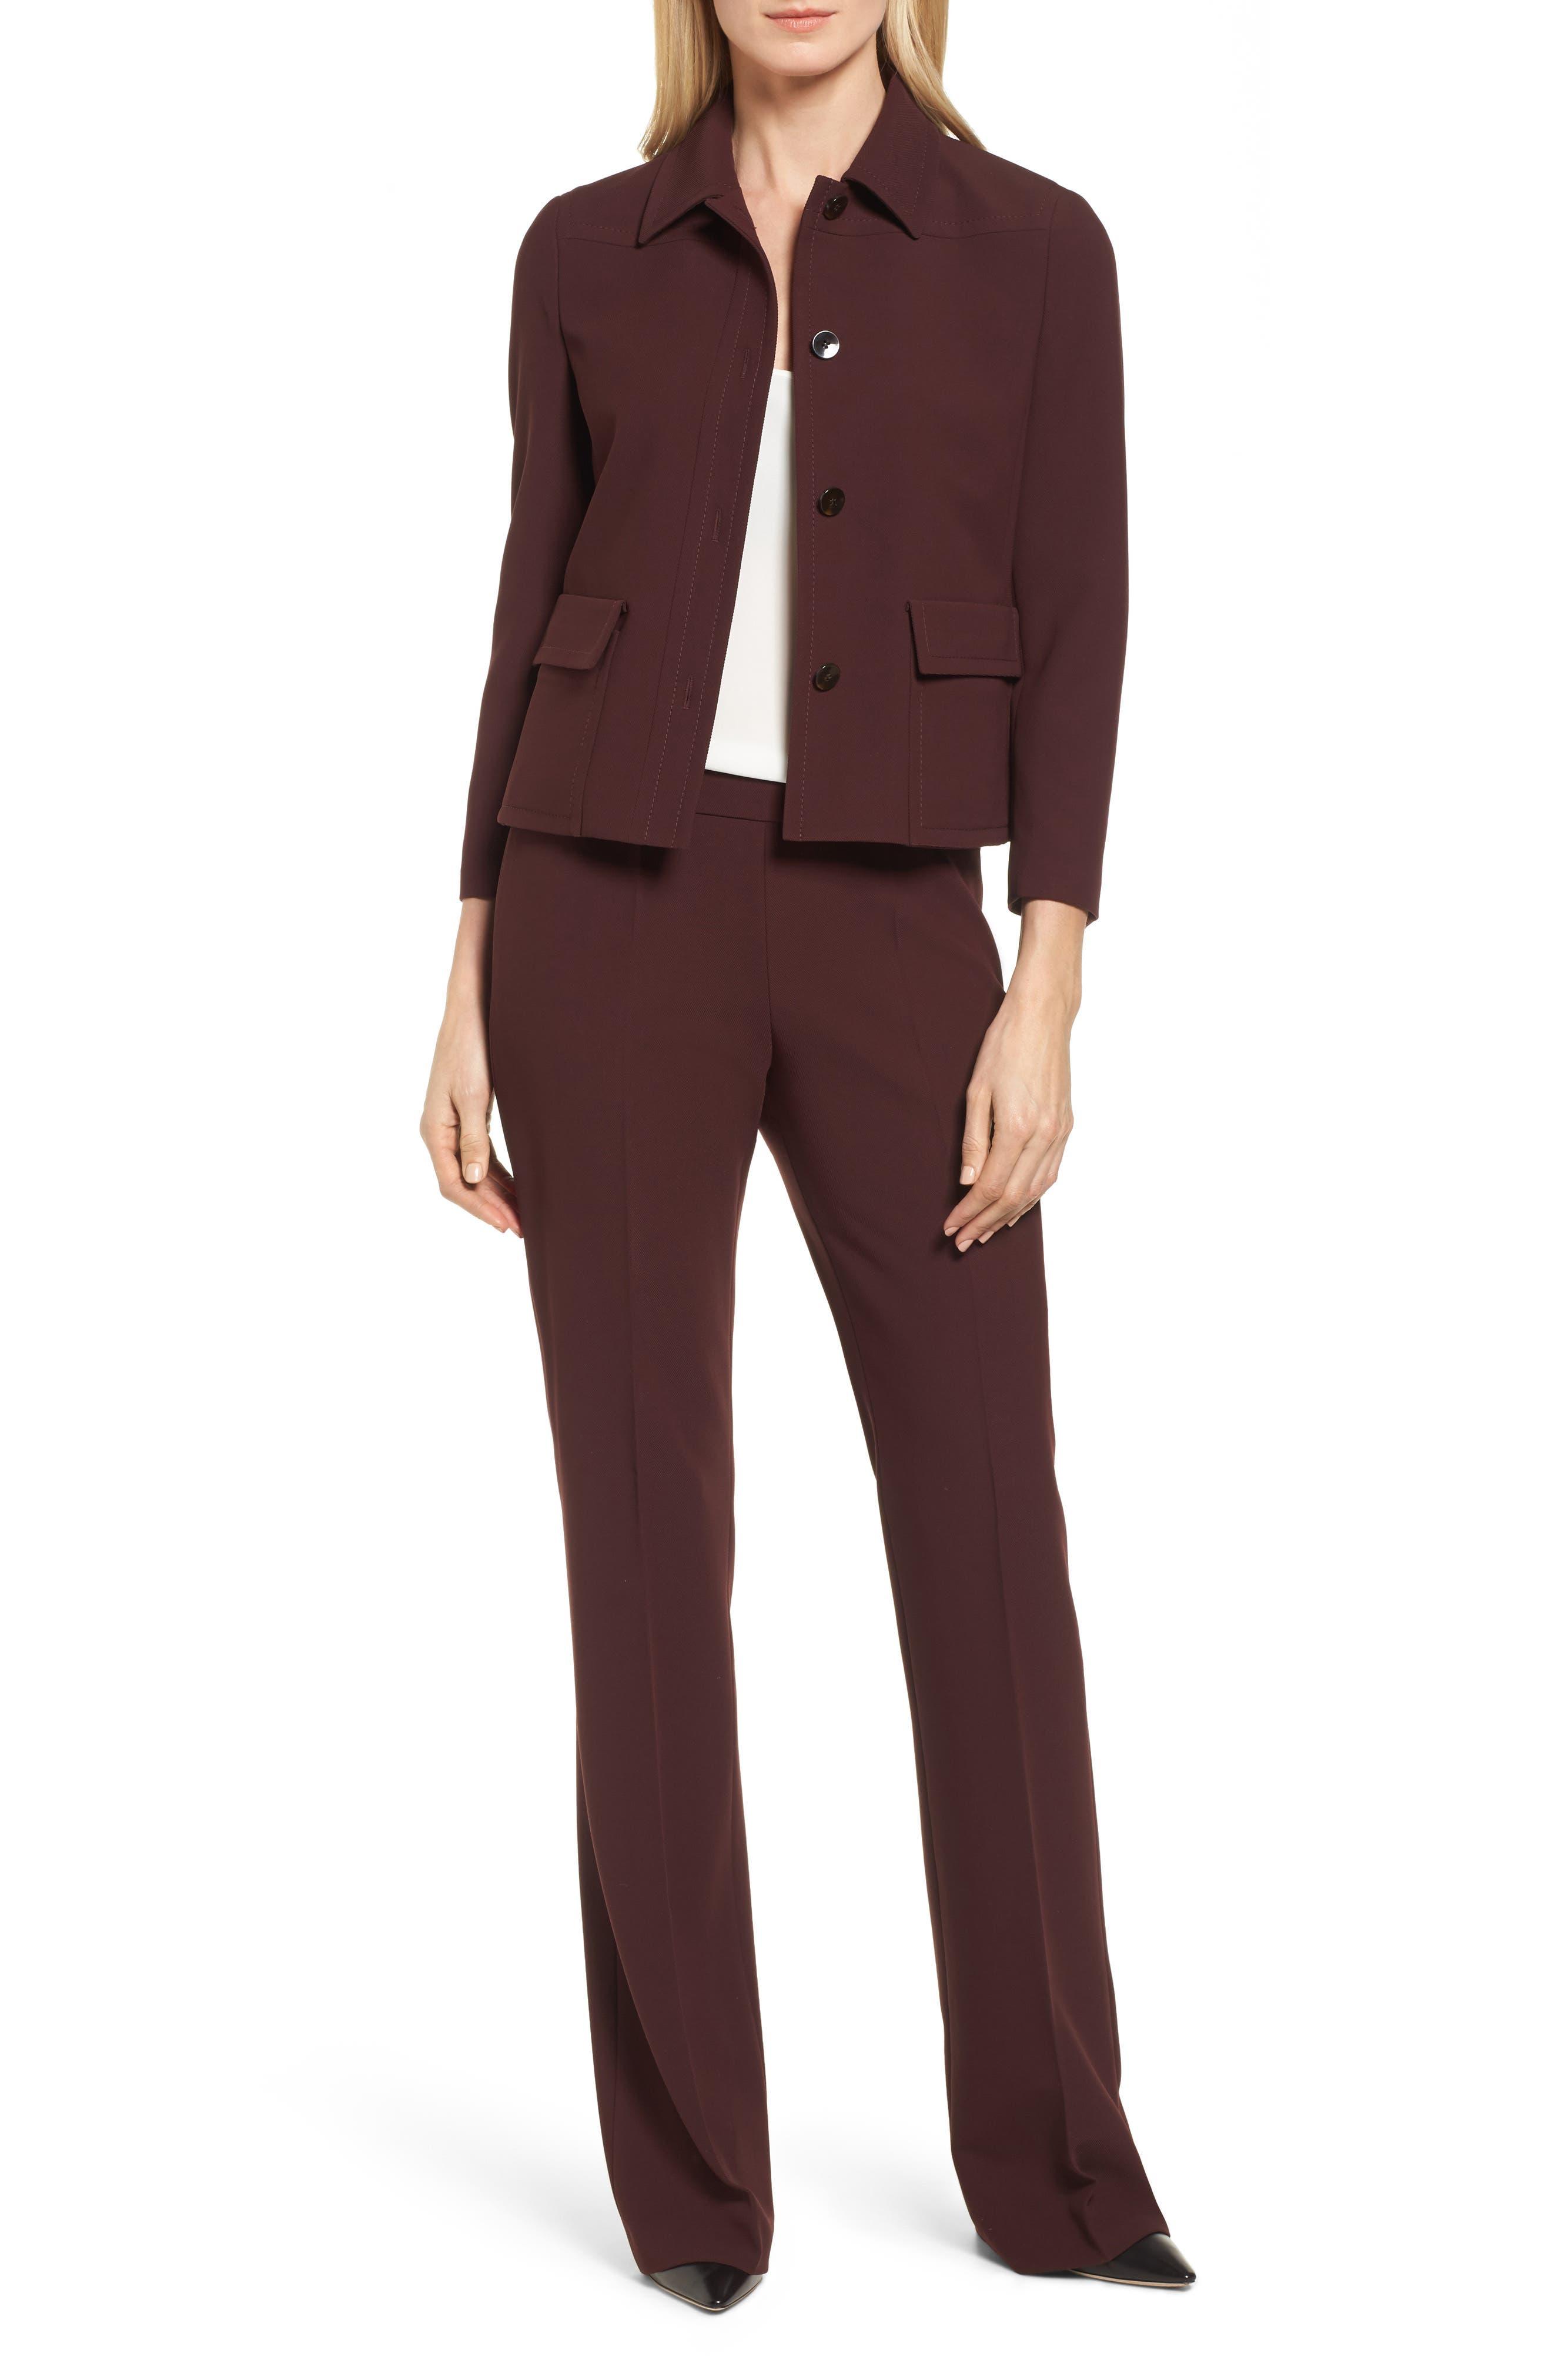 Juriona Suit Jacket,                             Alternate thumbnail 7, color,                             602